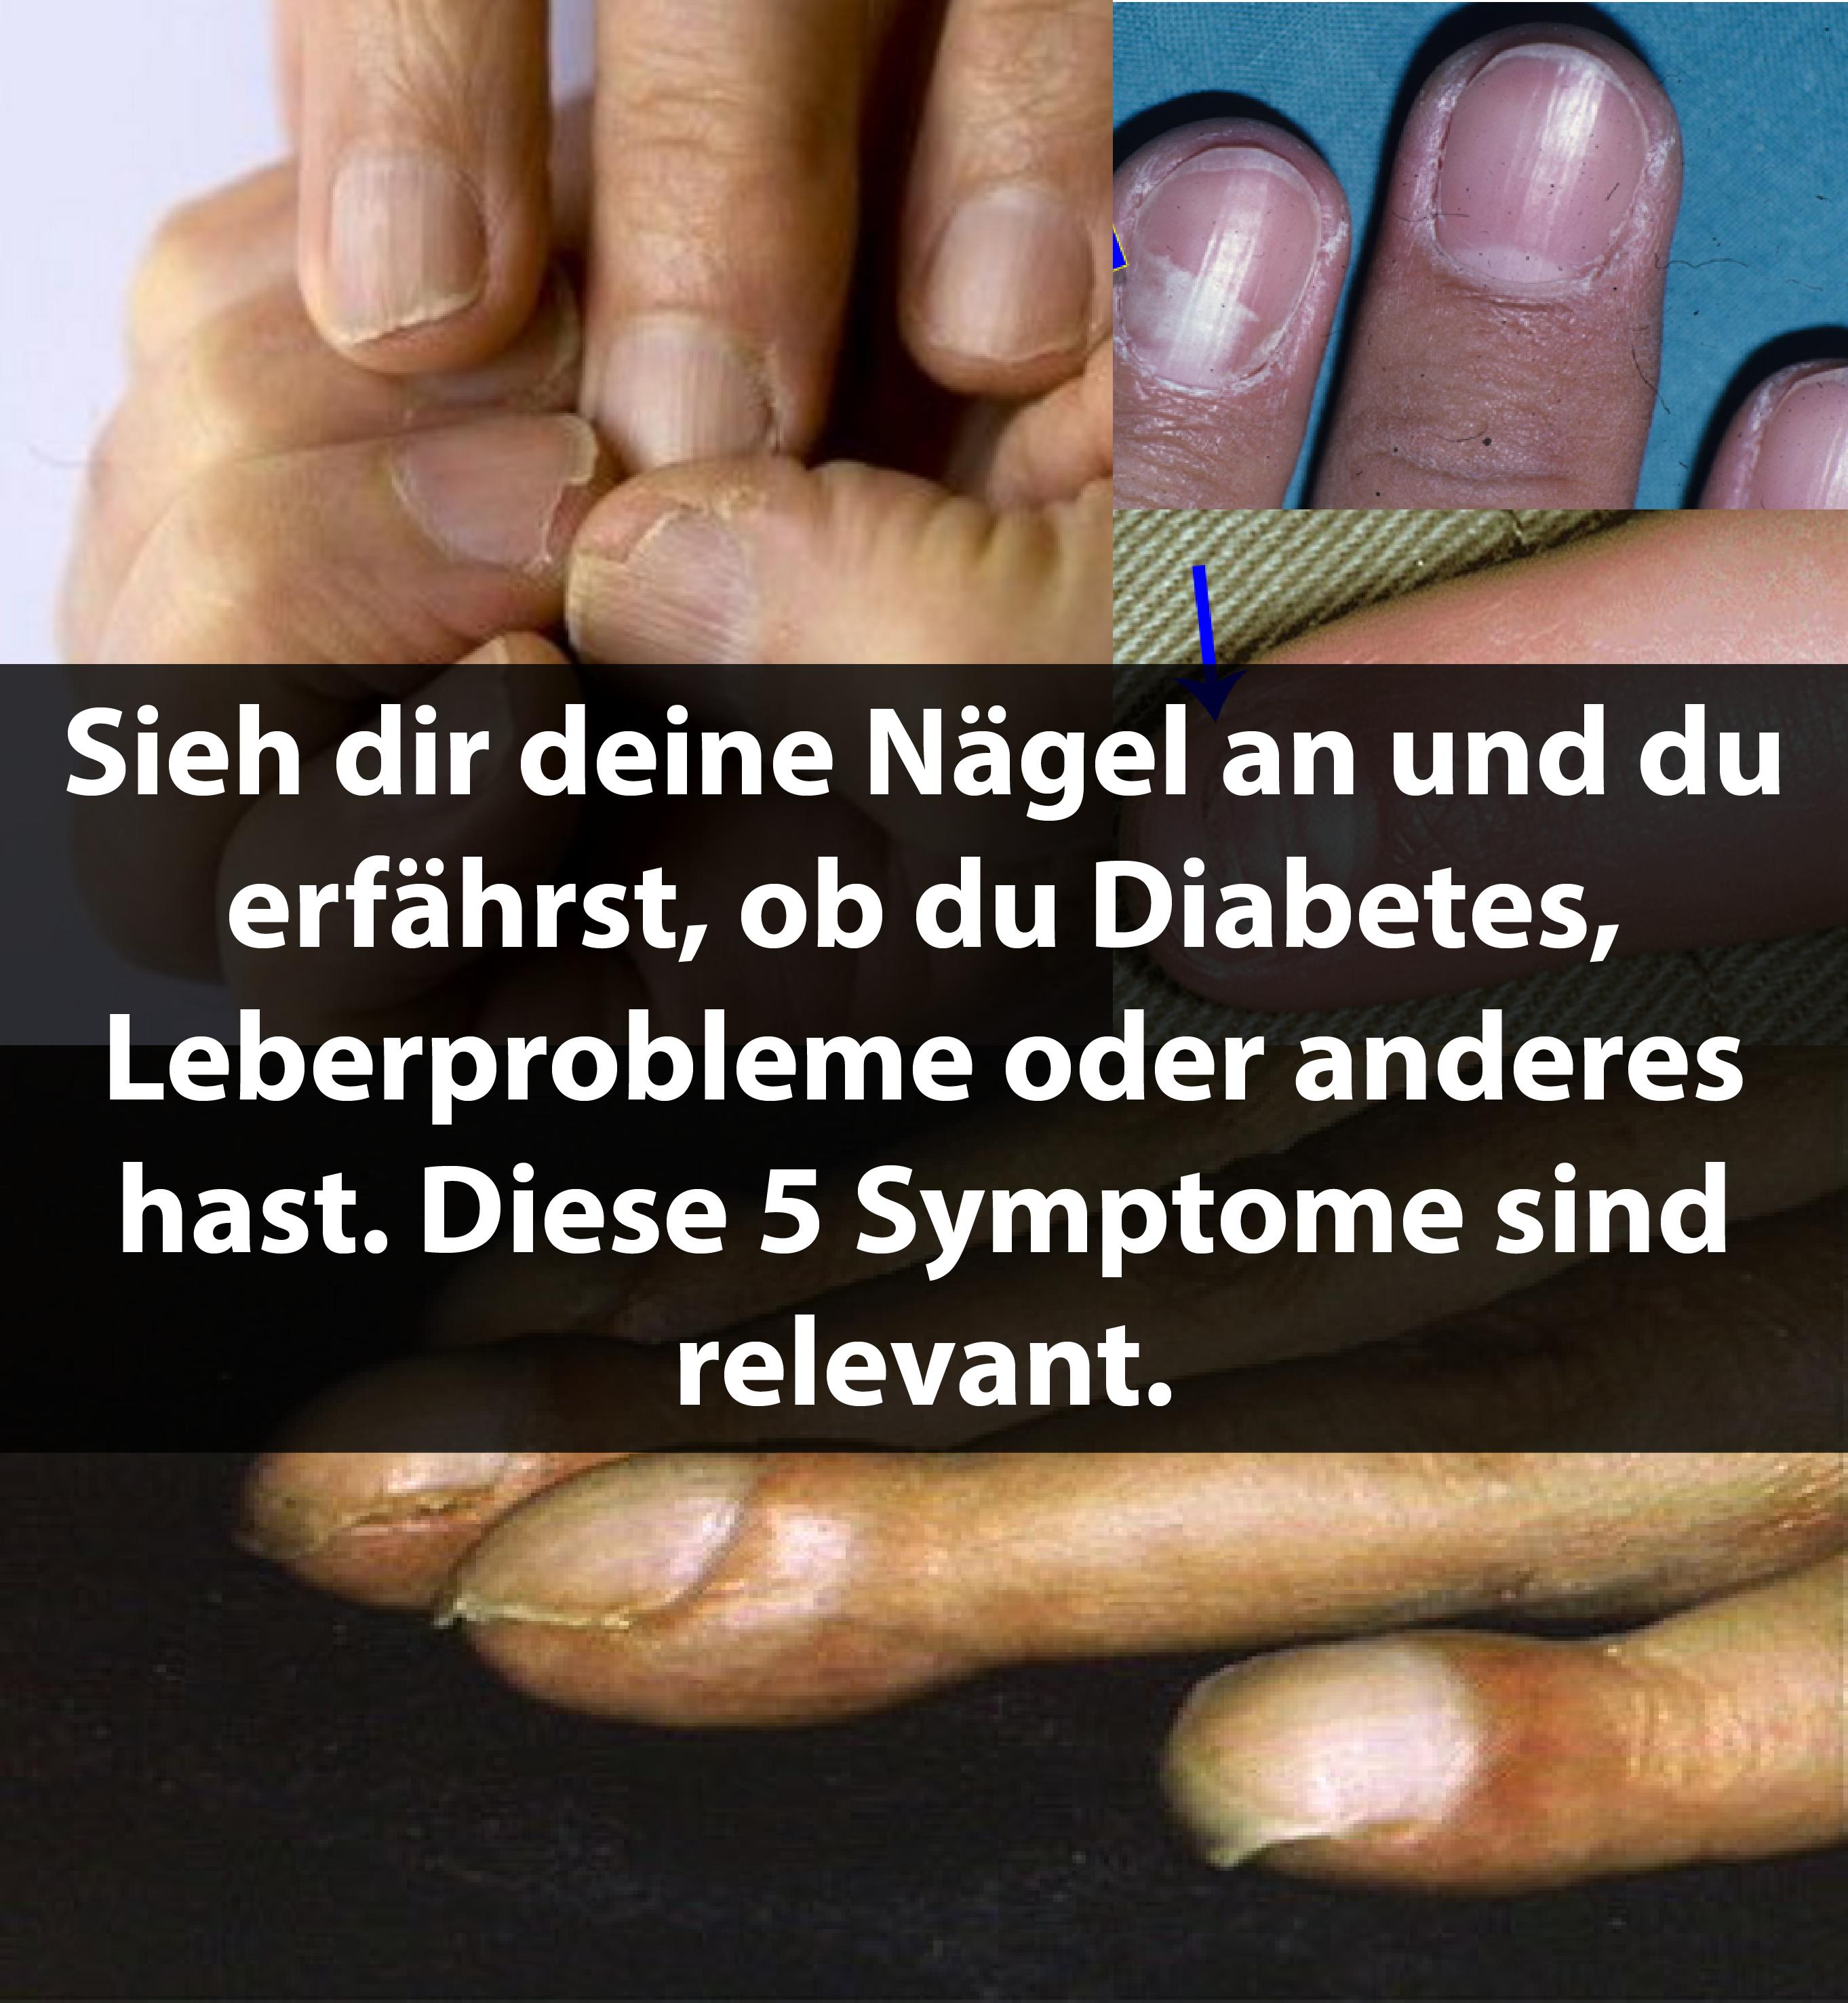 Sieh dir deine Nägel an und du erfährst, ob du Diabetes, Leberprobleme oder anderes hast. Diese 5 Symptome sind relevant.